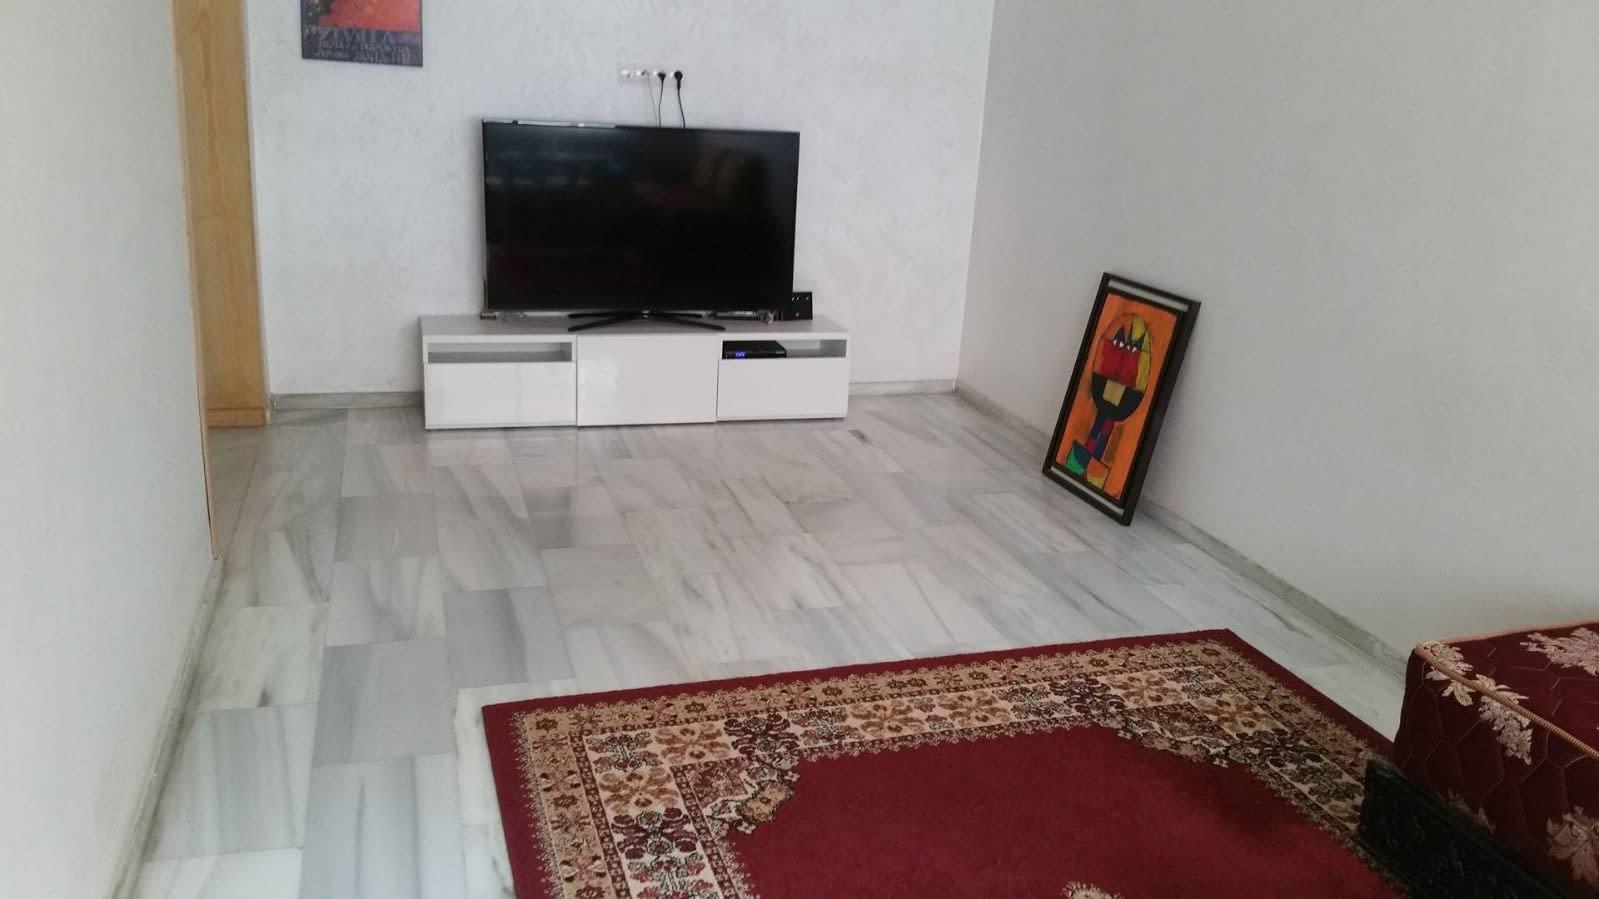 Vente appartement meublé à Casablanca Racine